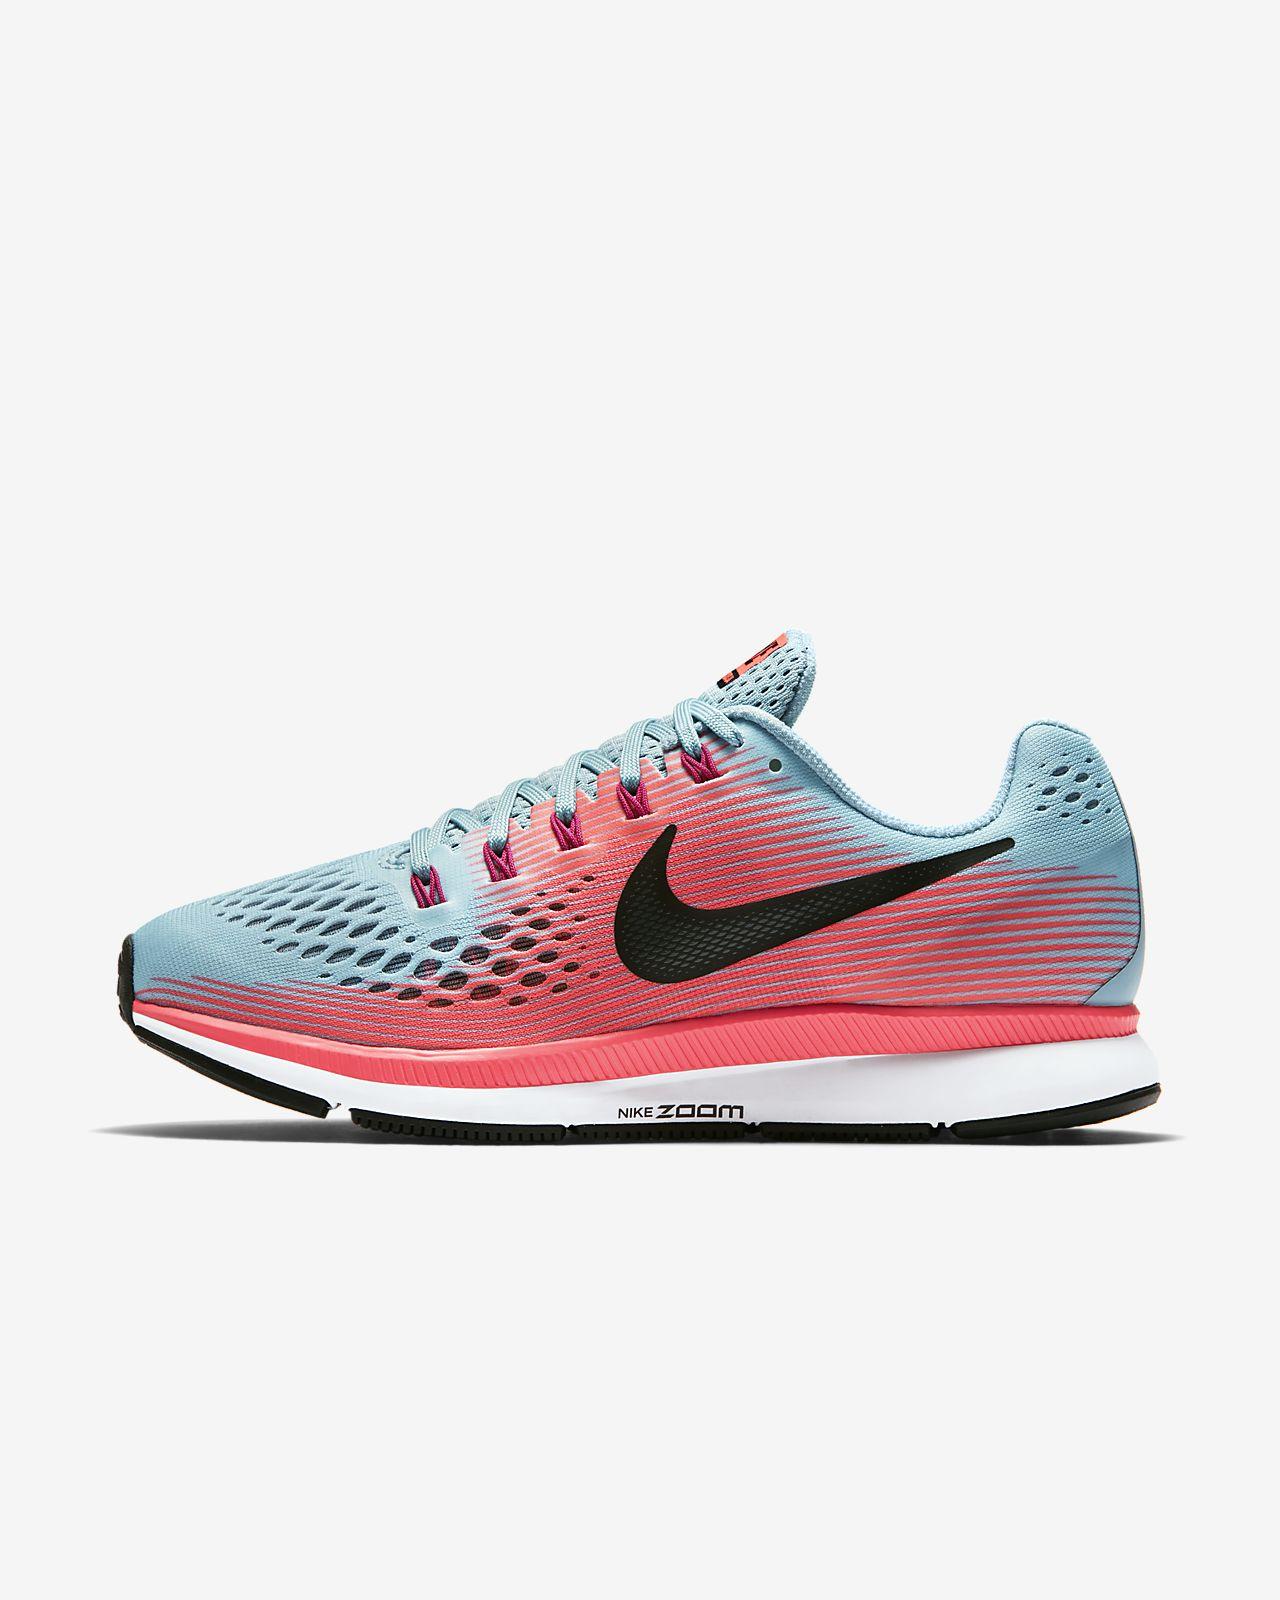 2015 en ligne Nike Air Zoom Pegasus 31 Femmes Chaussures De Course Ongles Orange / Noir livraison gratuite rabais moins cher gZxrV